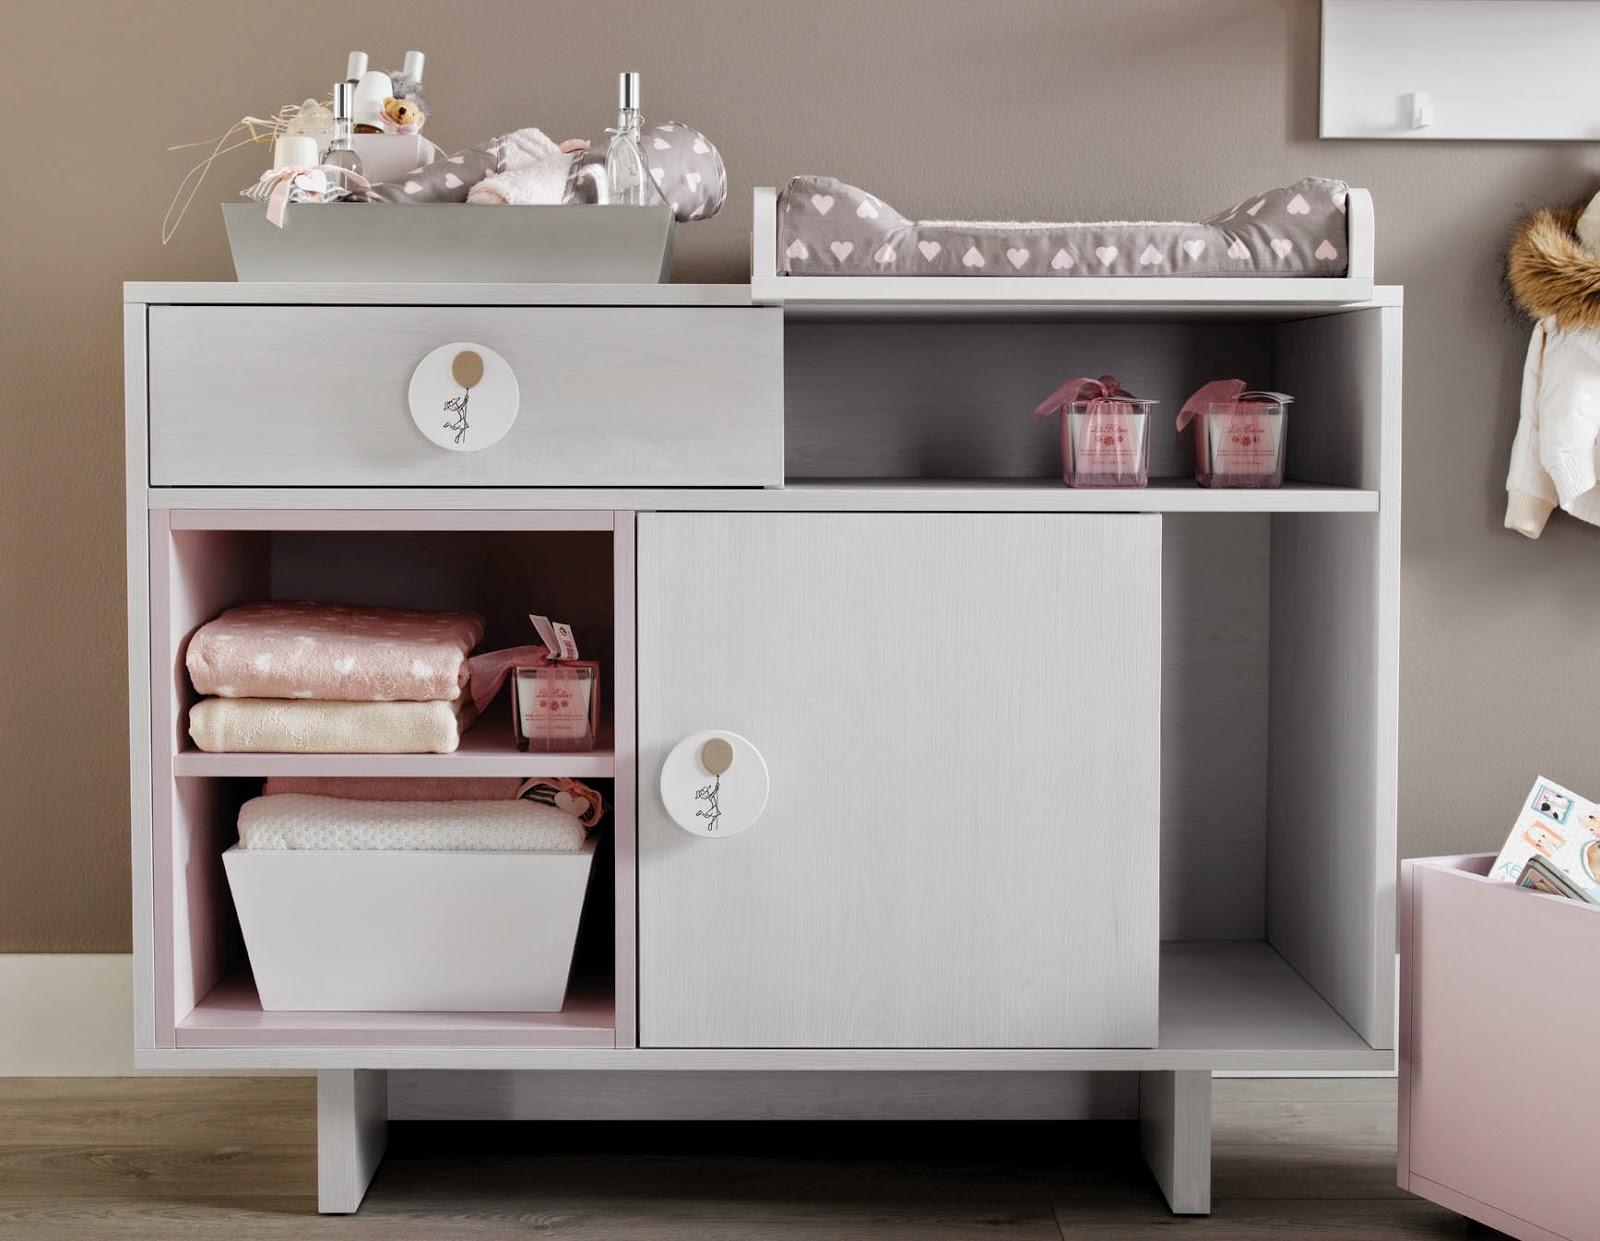 Muebles ros c moda cambiador una pieza imprescindible en la habitaci n del beb - Cambiador bebe para comoda ...